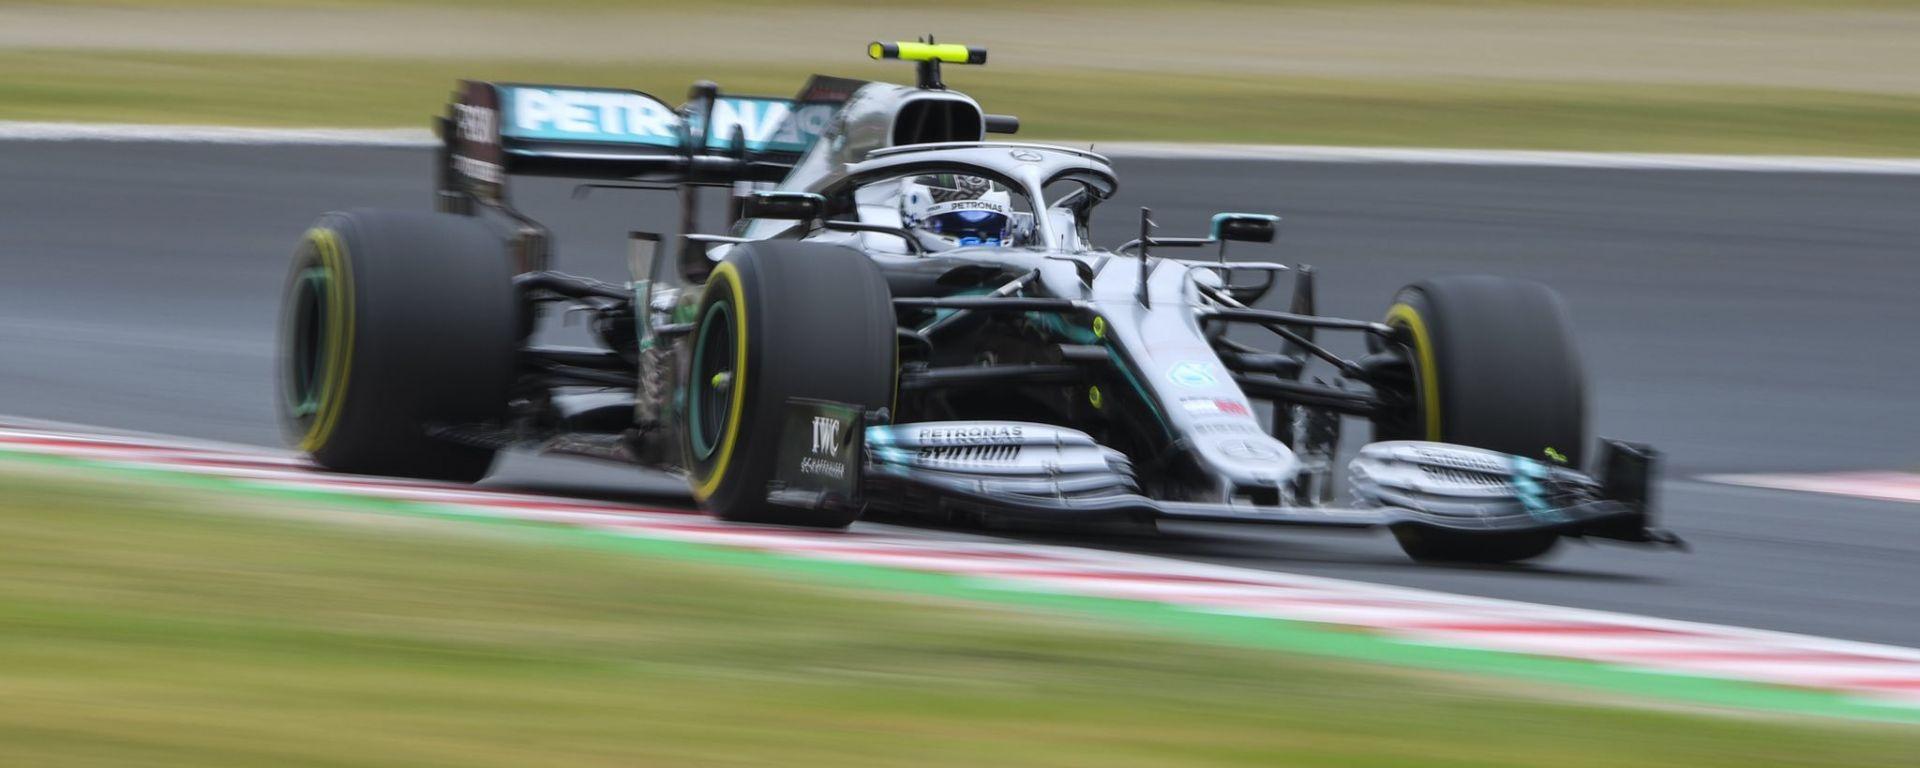 F1 GP Giappone 2019, Suzuka, Valtteri Bottas (Mercedes)